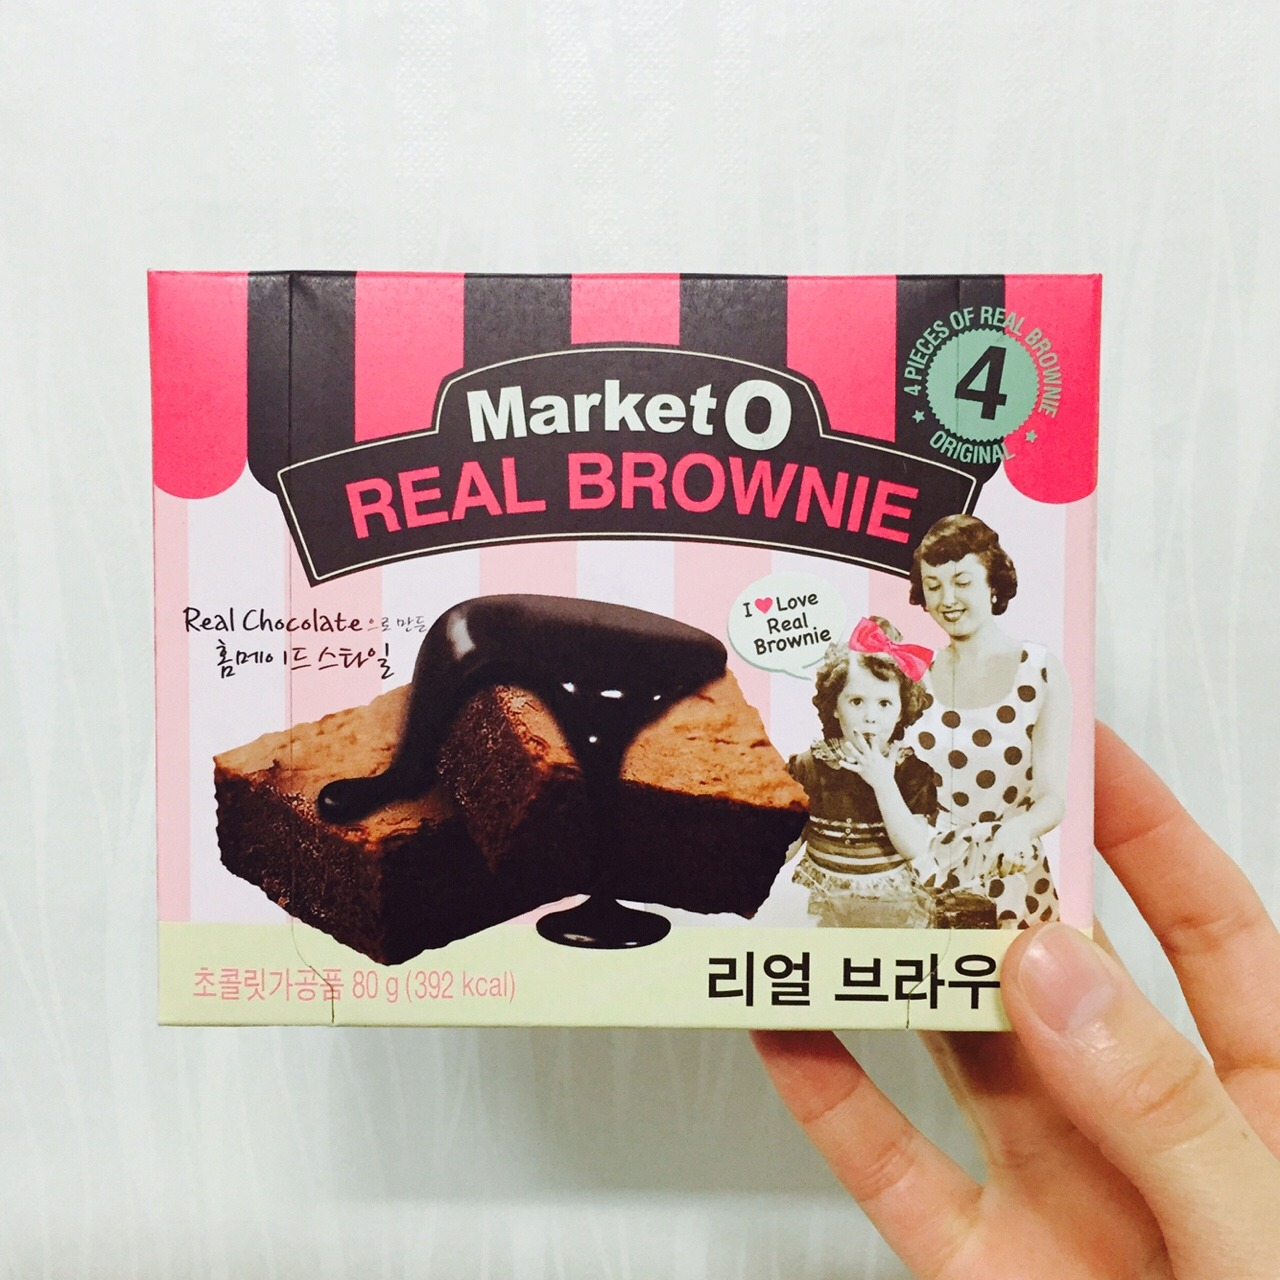 【韩国零食】Part 1[嘿嘿] 图片数量有限制 所以零食篇要分几个笔记发~ 这些都是我觉得比较好吃的韩国零食 首先要小科普一下:韩国的零食90%都是饼干和膨化食品 没有辣条 没有梅子酸枣糕 没有瓜子[瞎]所以我说的这些好吃的韩国零食那是建立在只能吃到韩国的零食的基础上的[白眼] 第一个杏仁糖[害羞]这个真的好吃 小时候都是在大超市的进口区才能买到 买一大包还每天舍不得吃的 糖味道很浓很香 我一般喜欢把杏仁先咬下来吃了[嘻嘻] 第二个炸薯片 芝士奶酪味 薯片脆脆的香香的 和好丽友的另一个薯愿味道有点像